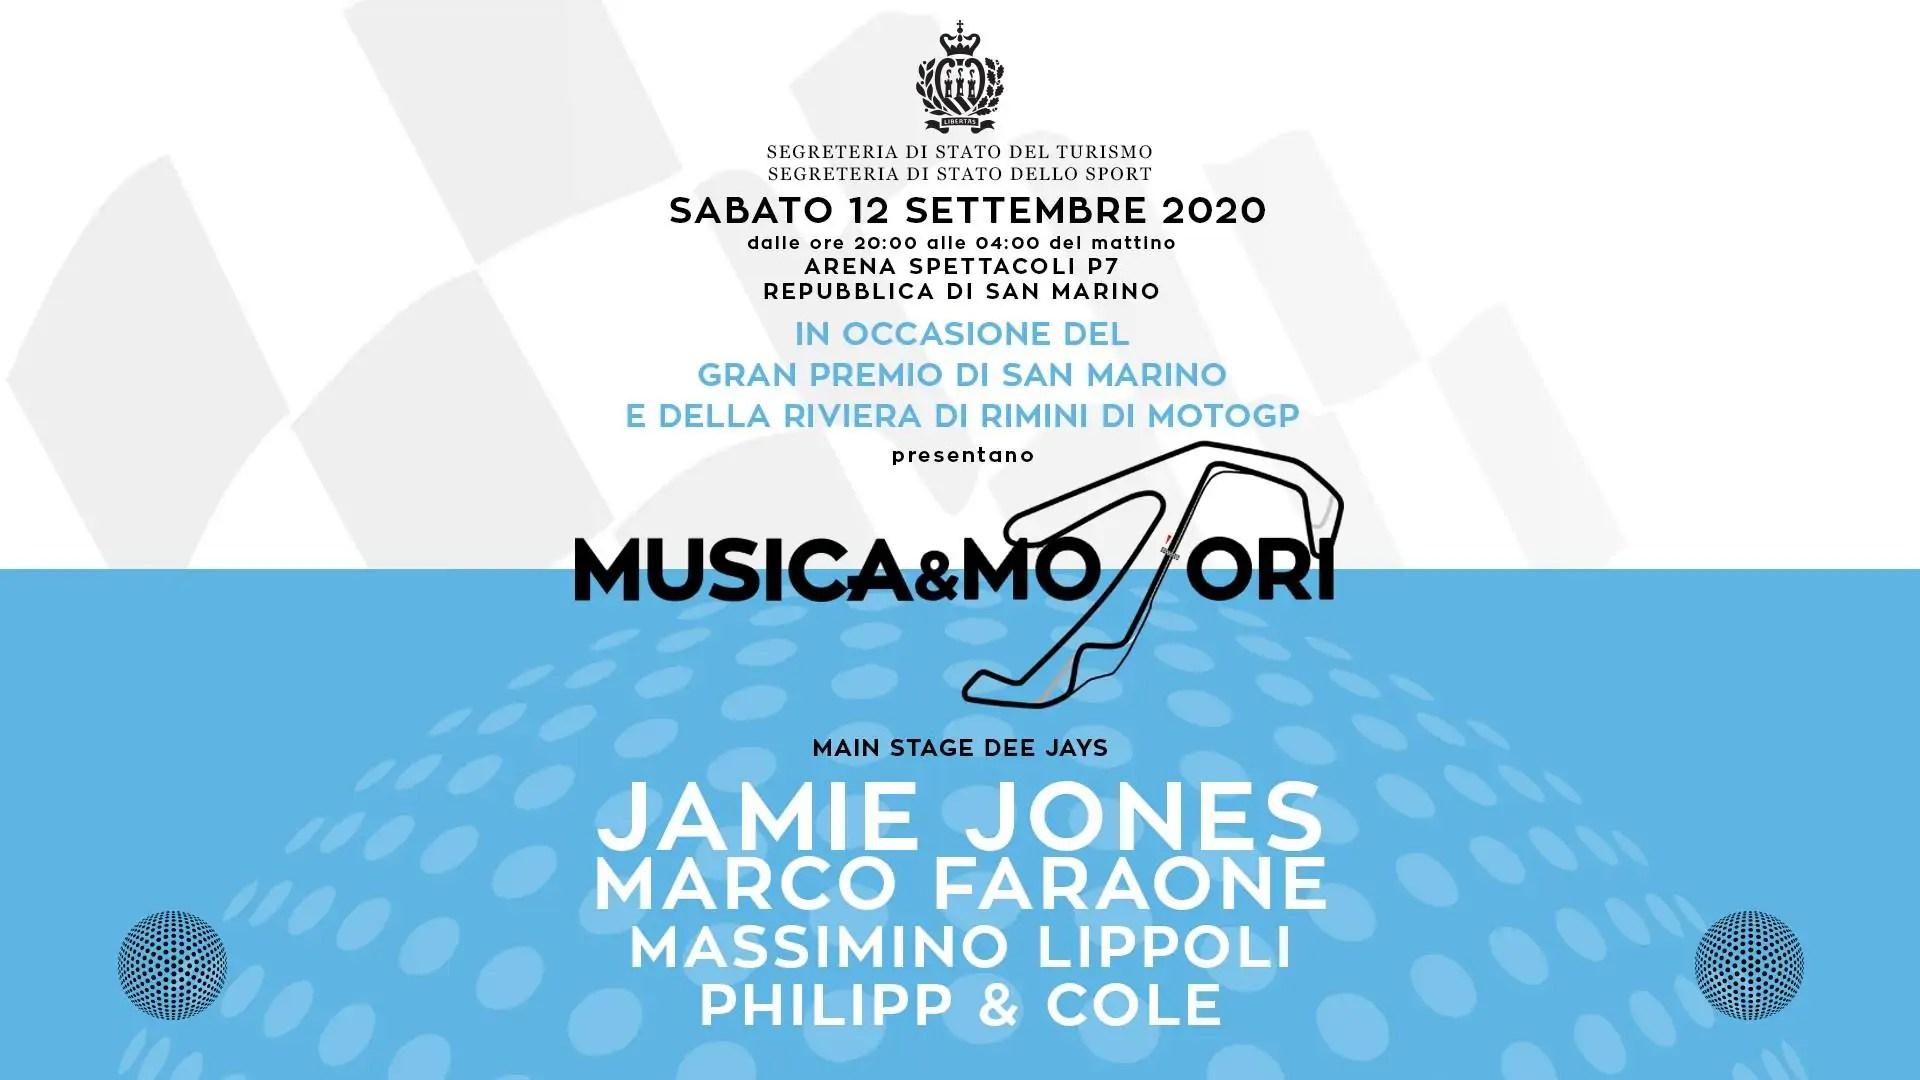 12-settembre-2020-musica-e-motori-san-marino